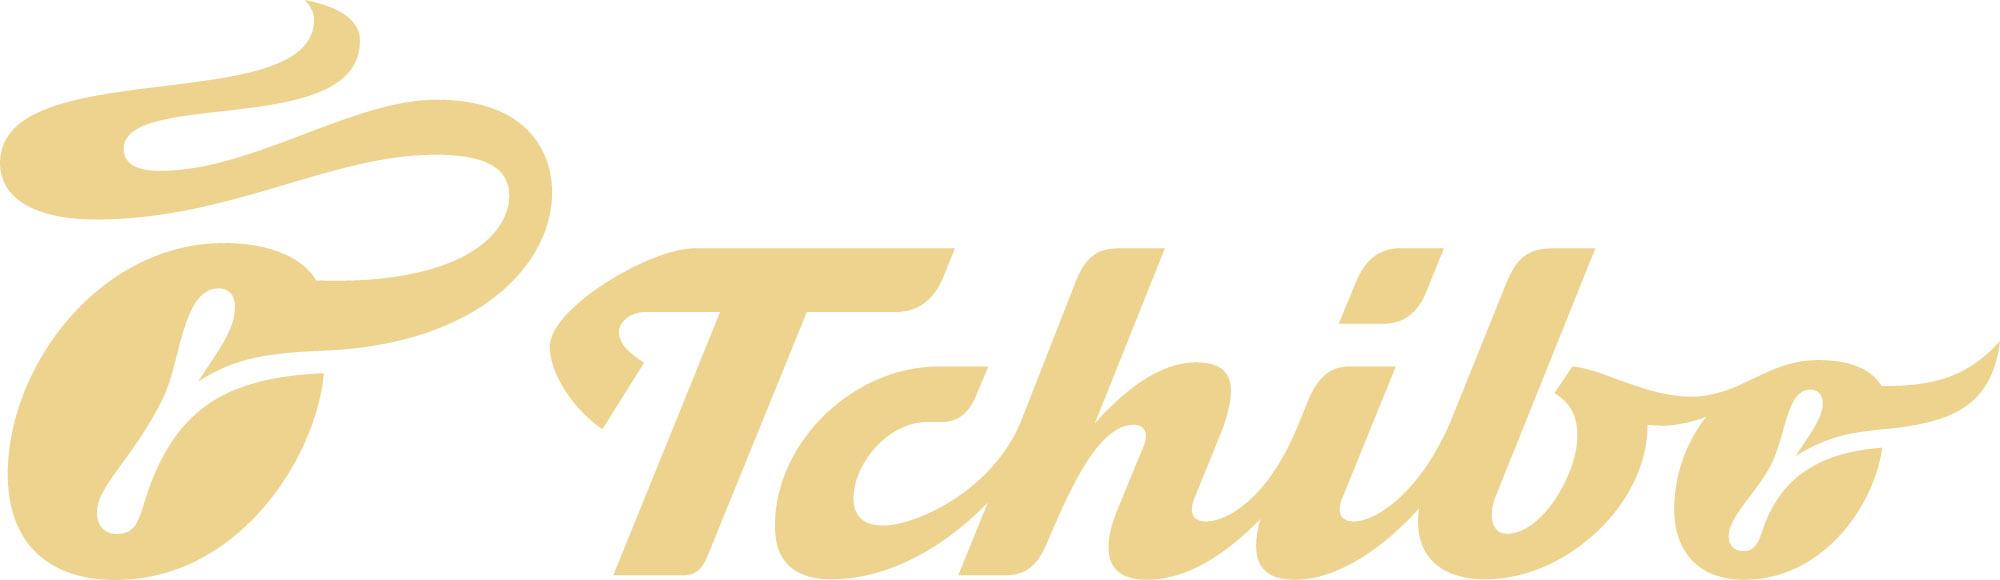 Gewinnen Sie gute-Laune-Styles für die ganze Familie! - Sponsor logo